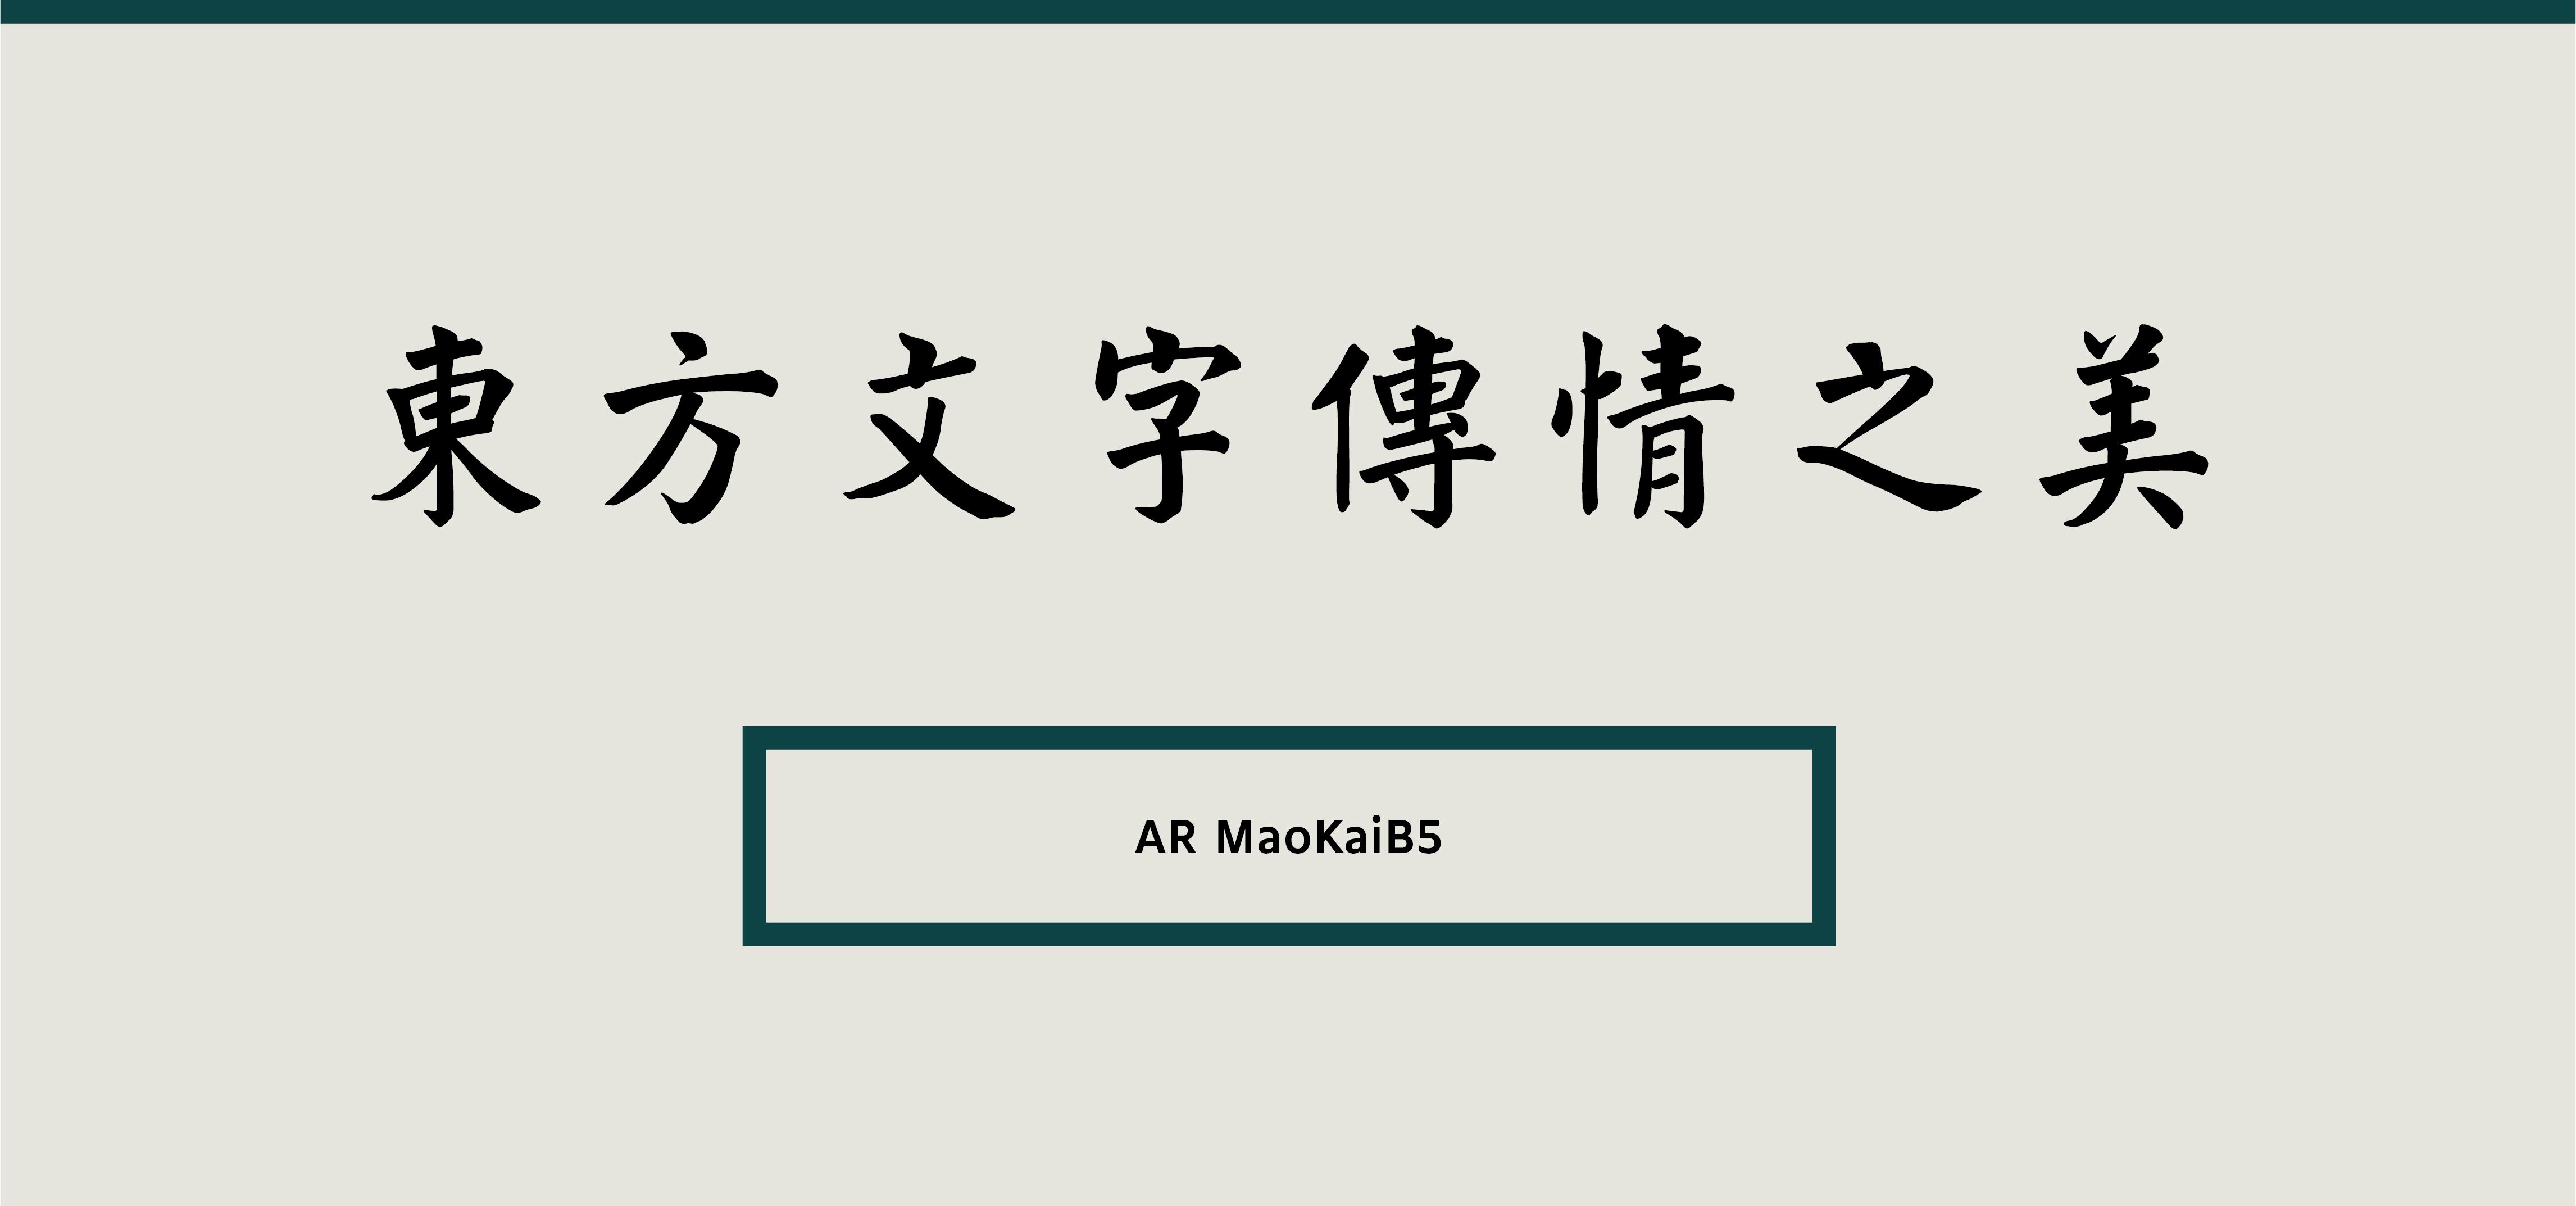 AR MaoKaiB5